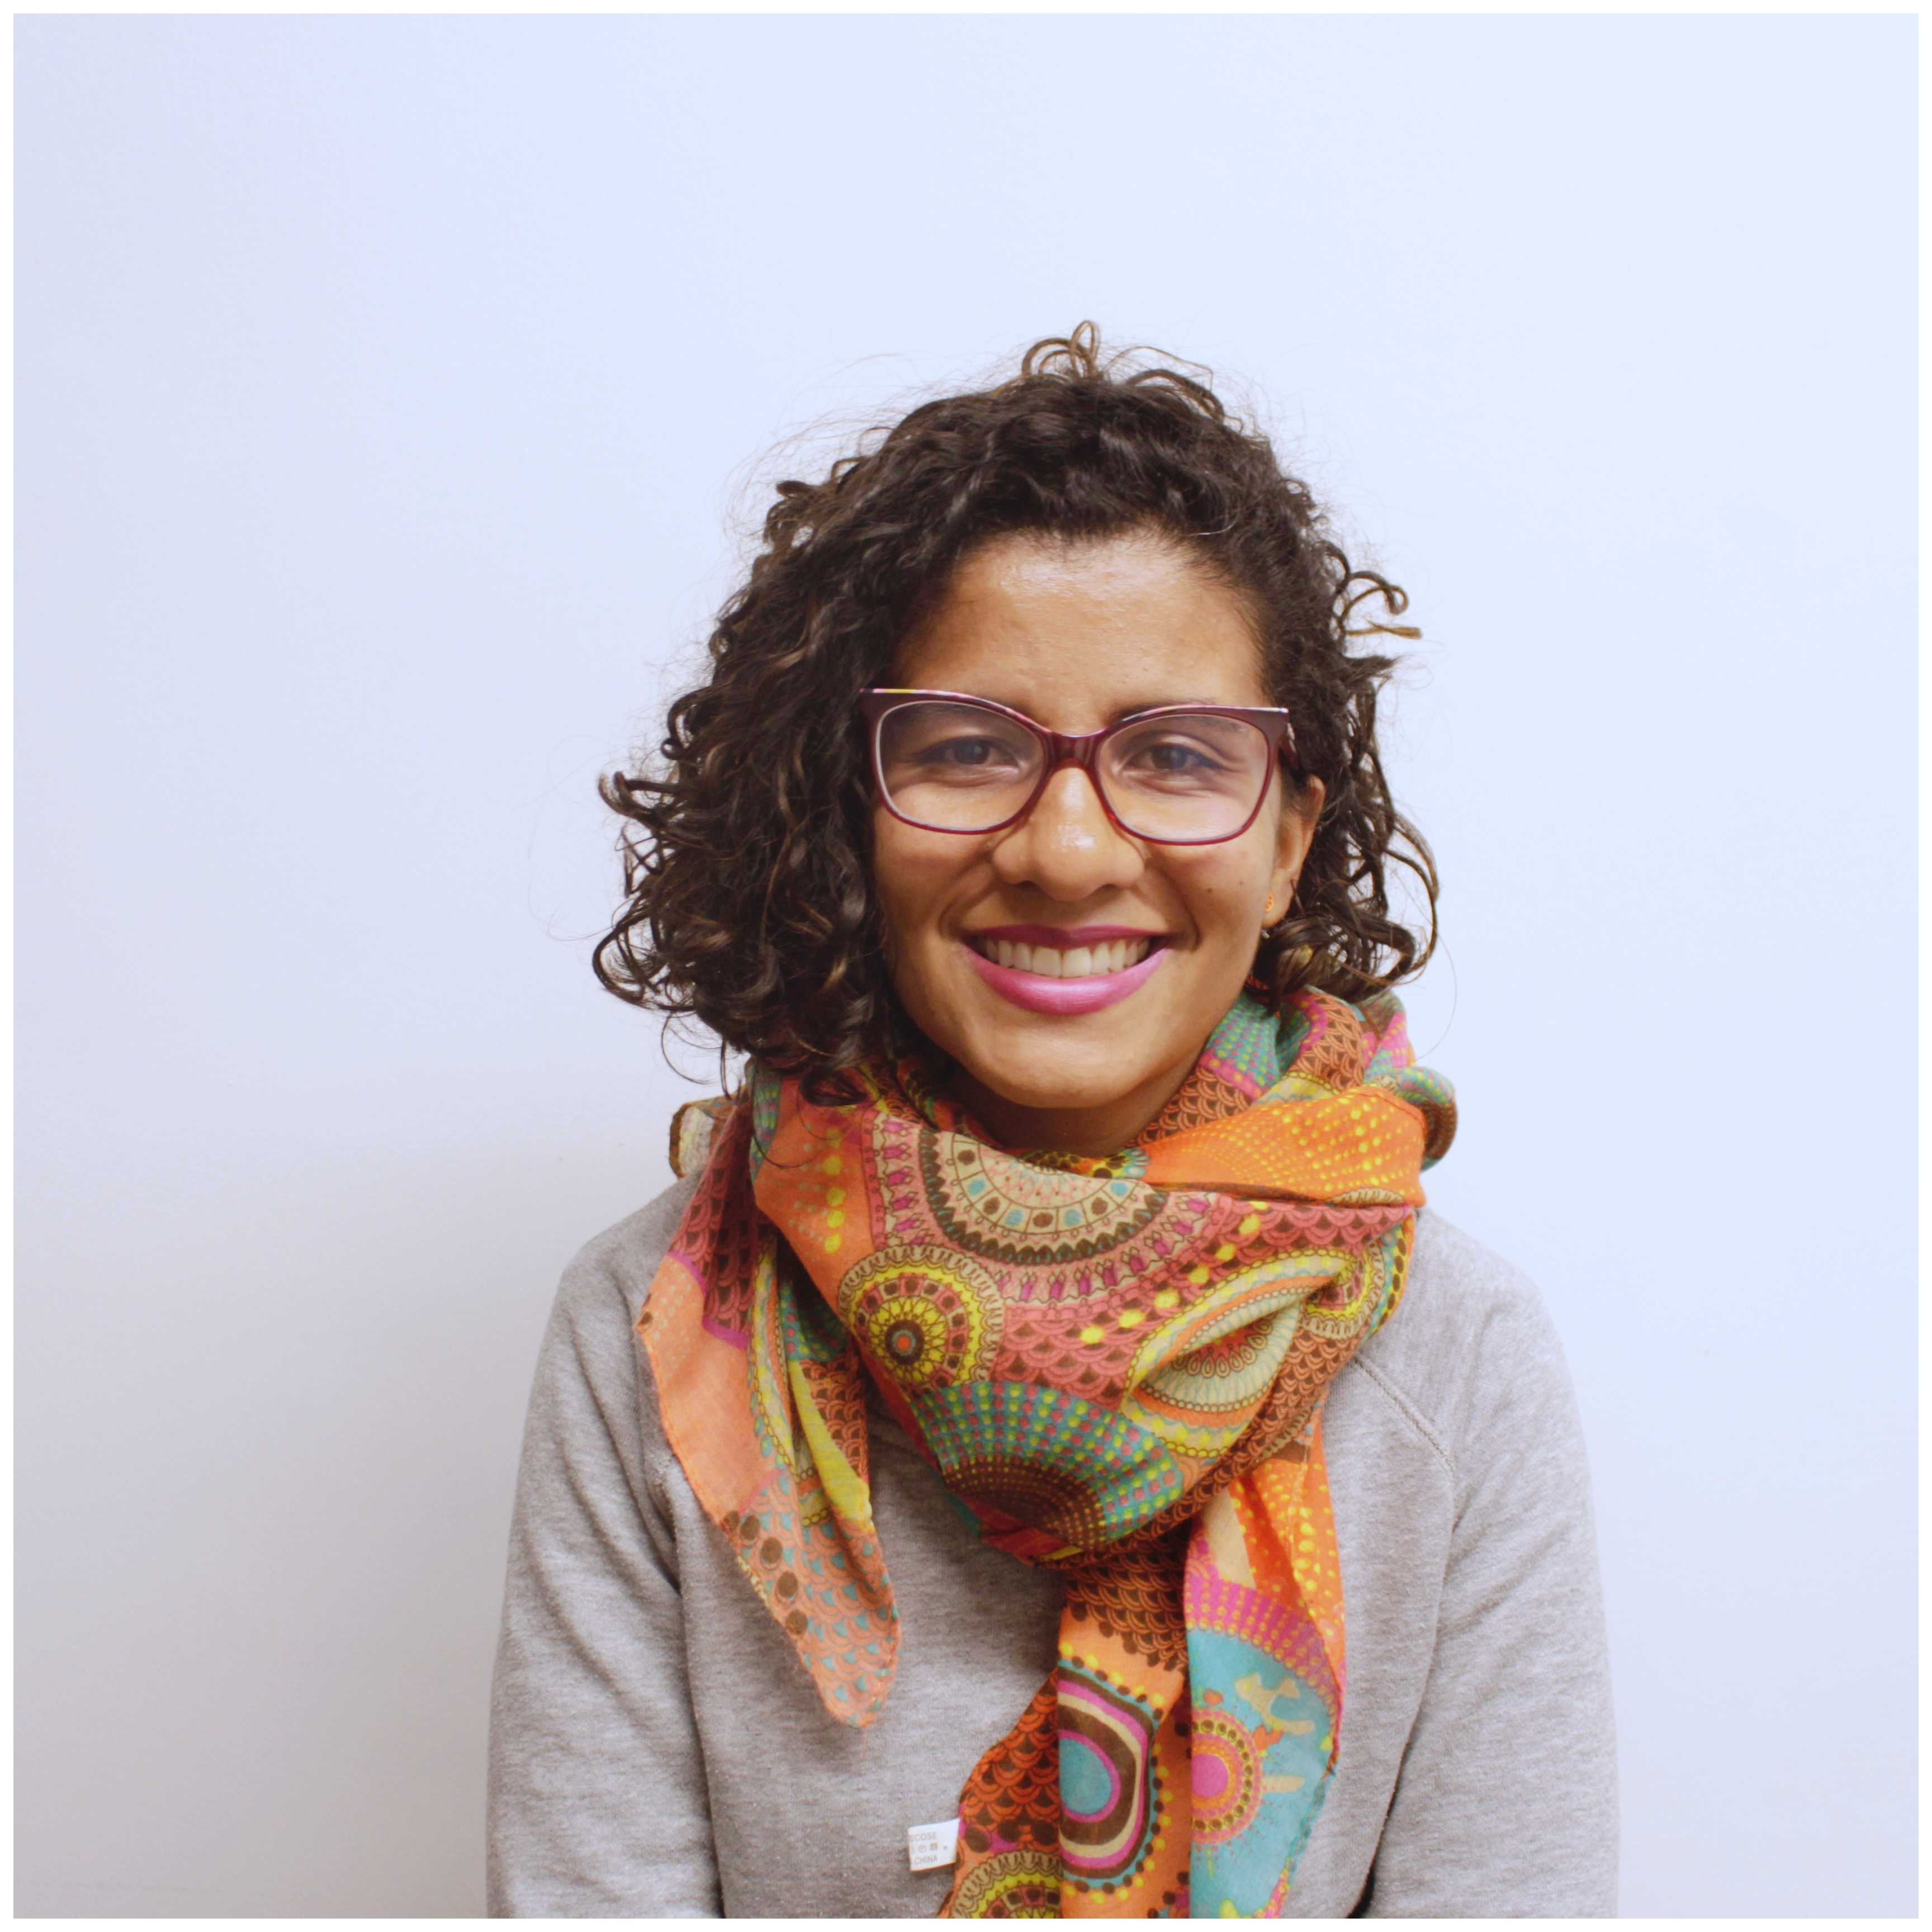 Mónica Paola Castro David